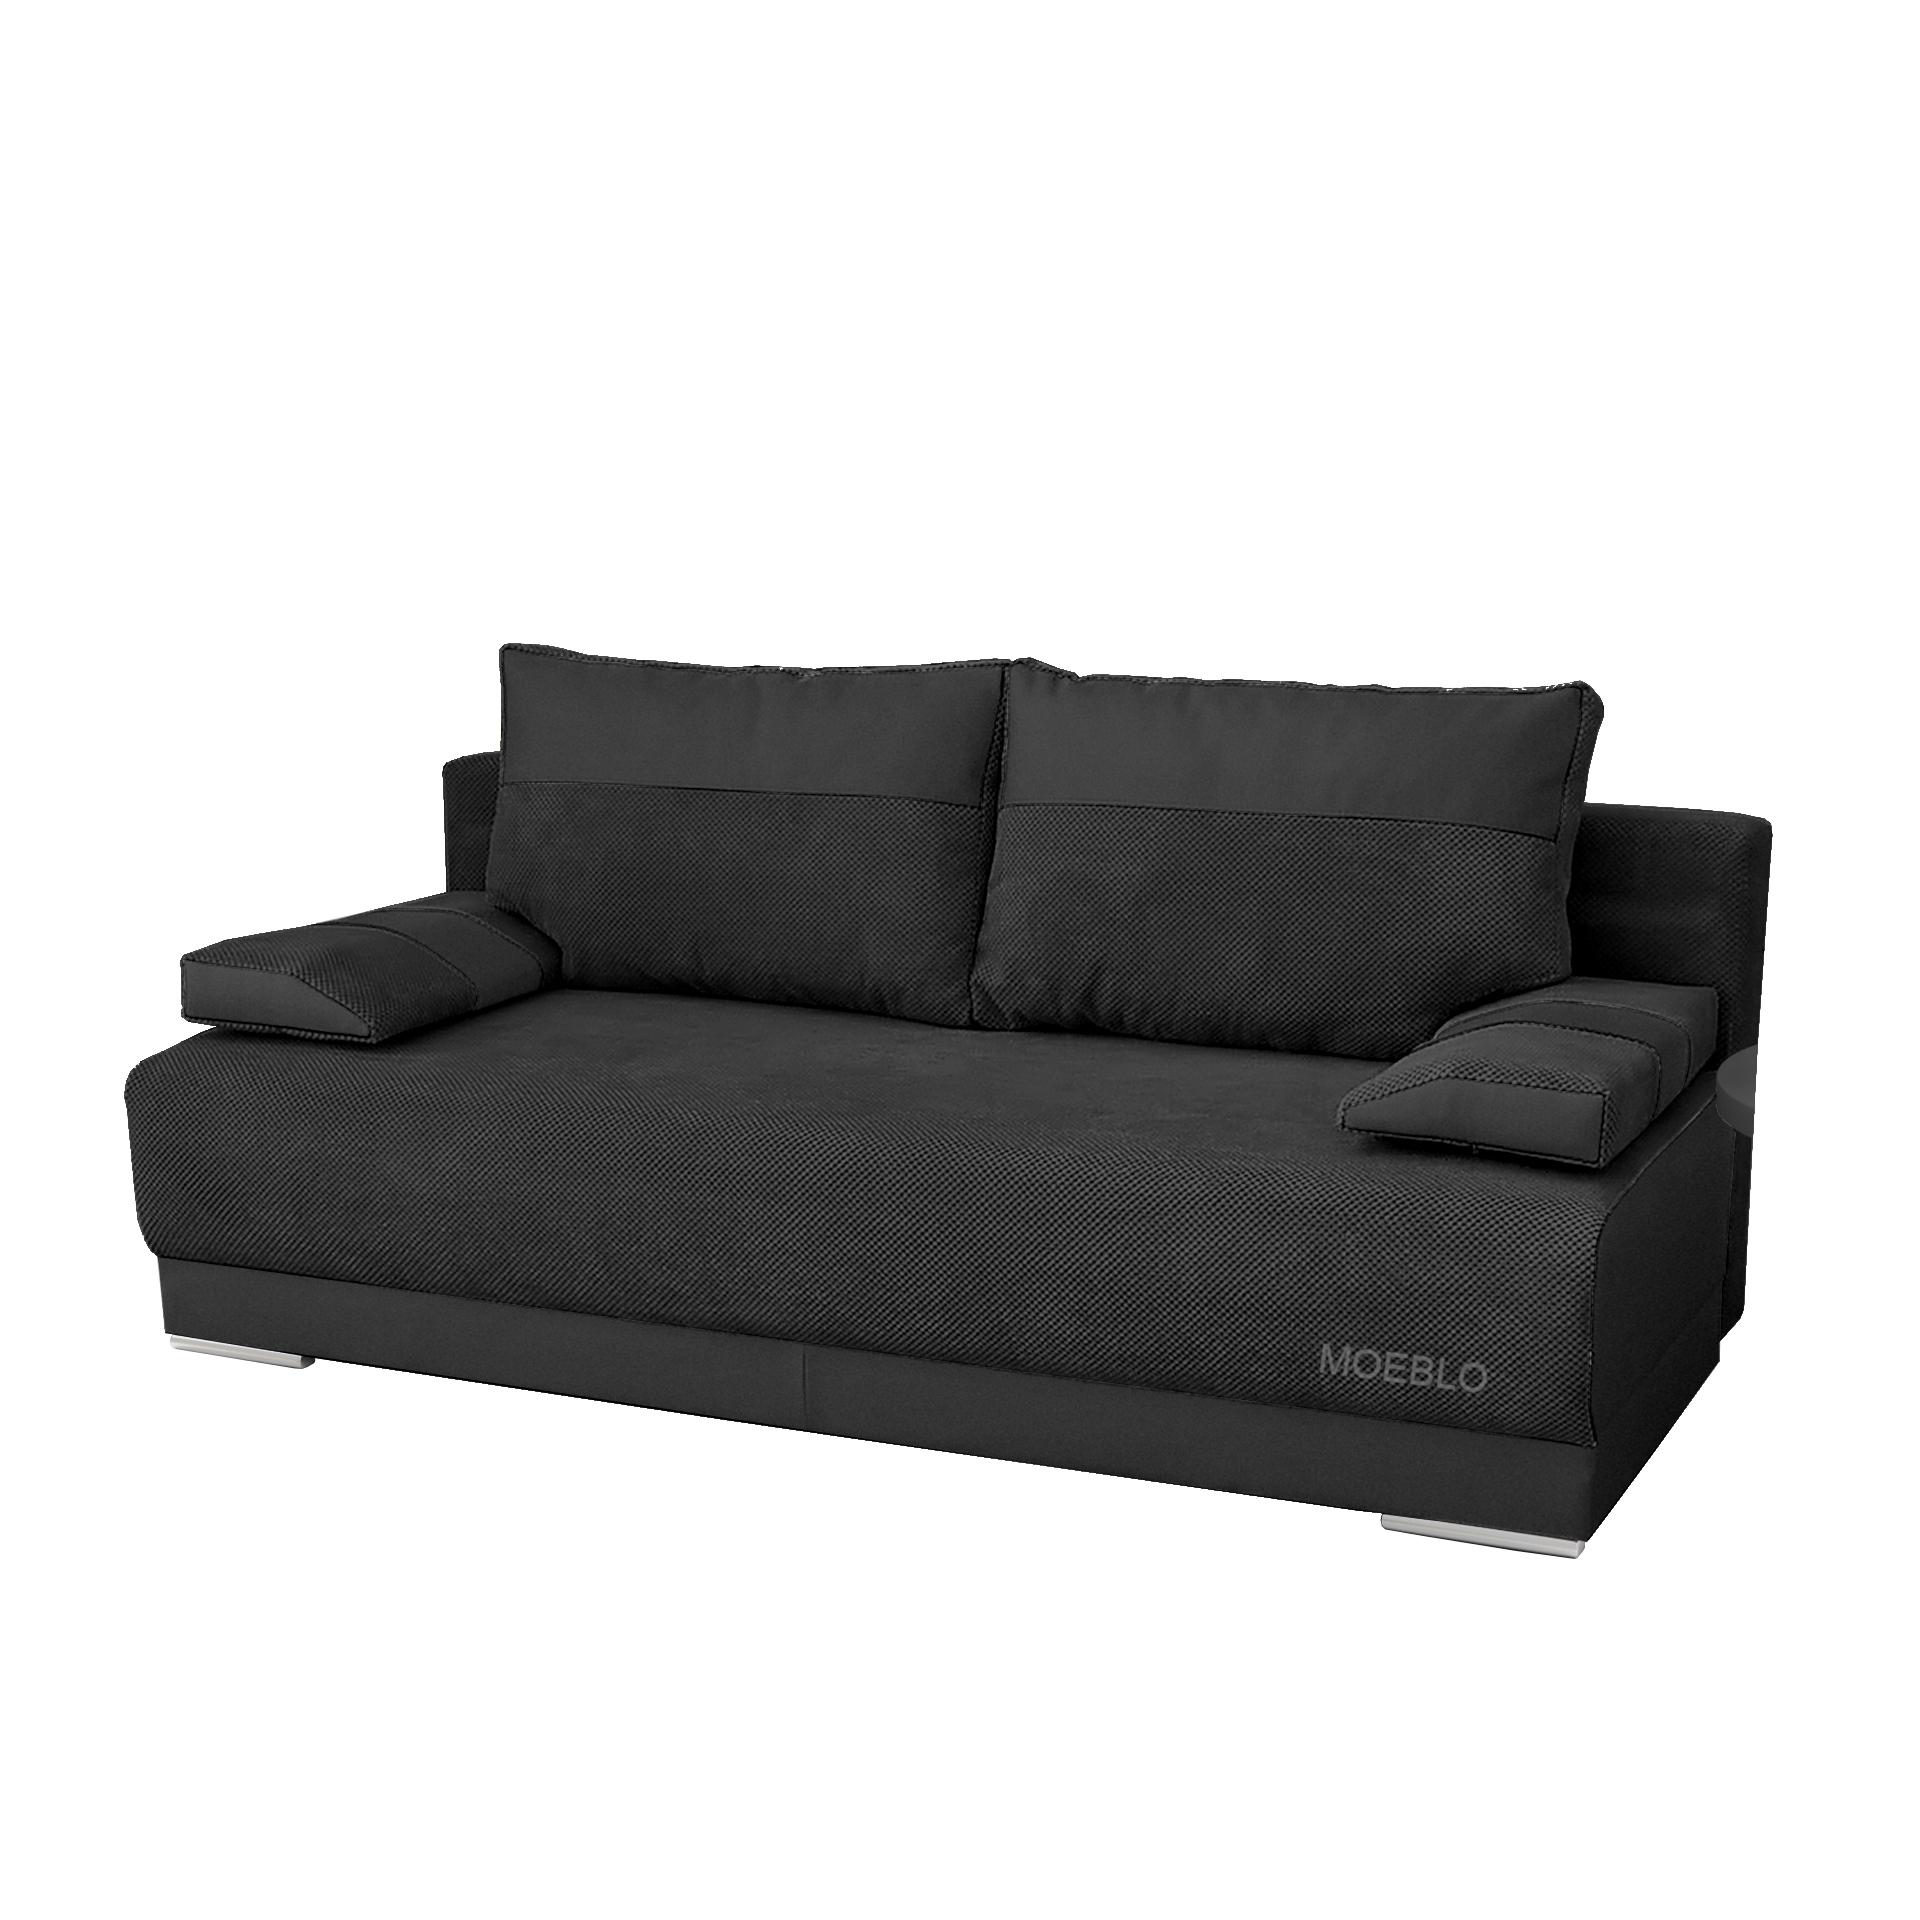 kleine couch mit schlaffunktion sofa schlafsofa bettsofa 140 cm breit grau nisa ebay